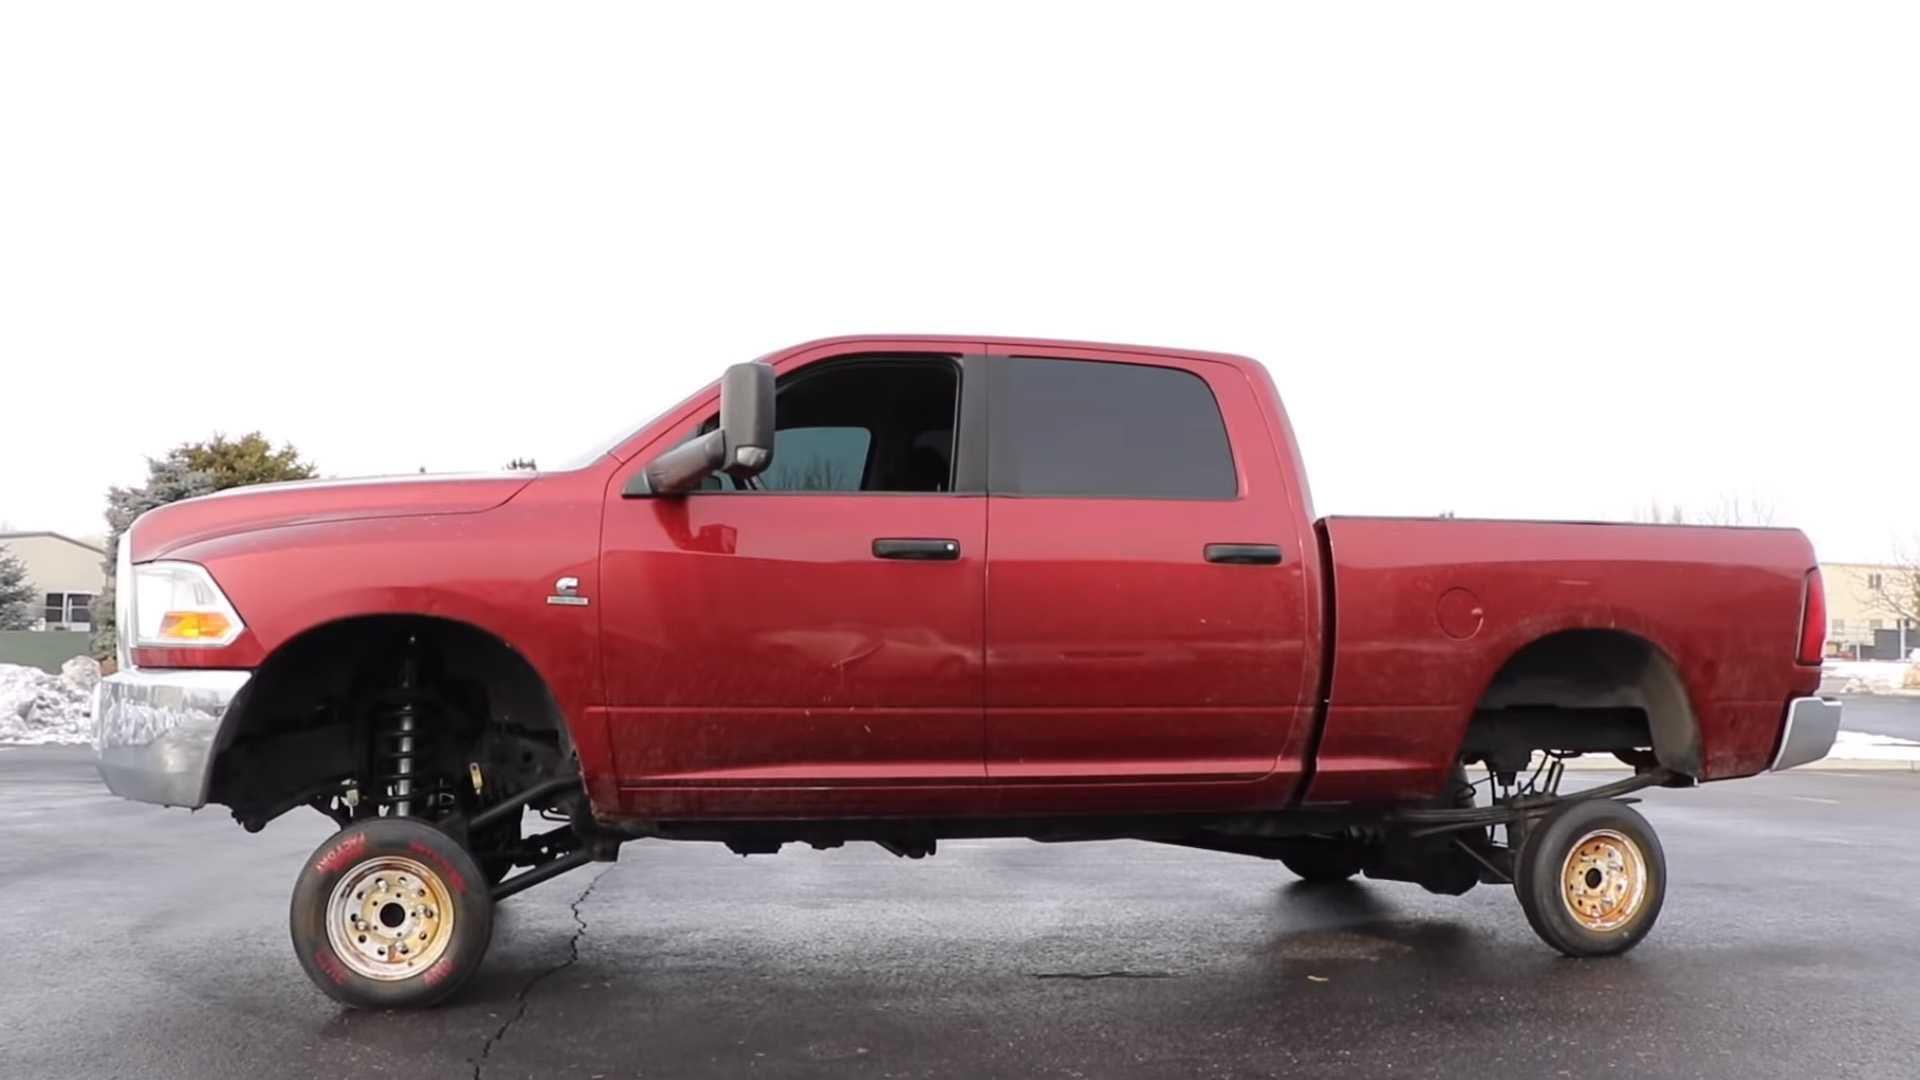 9d5a0e215c Ruote minuscole su un pickup gigante? Si può fare: ecco il video